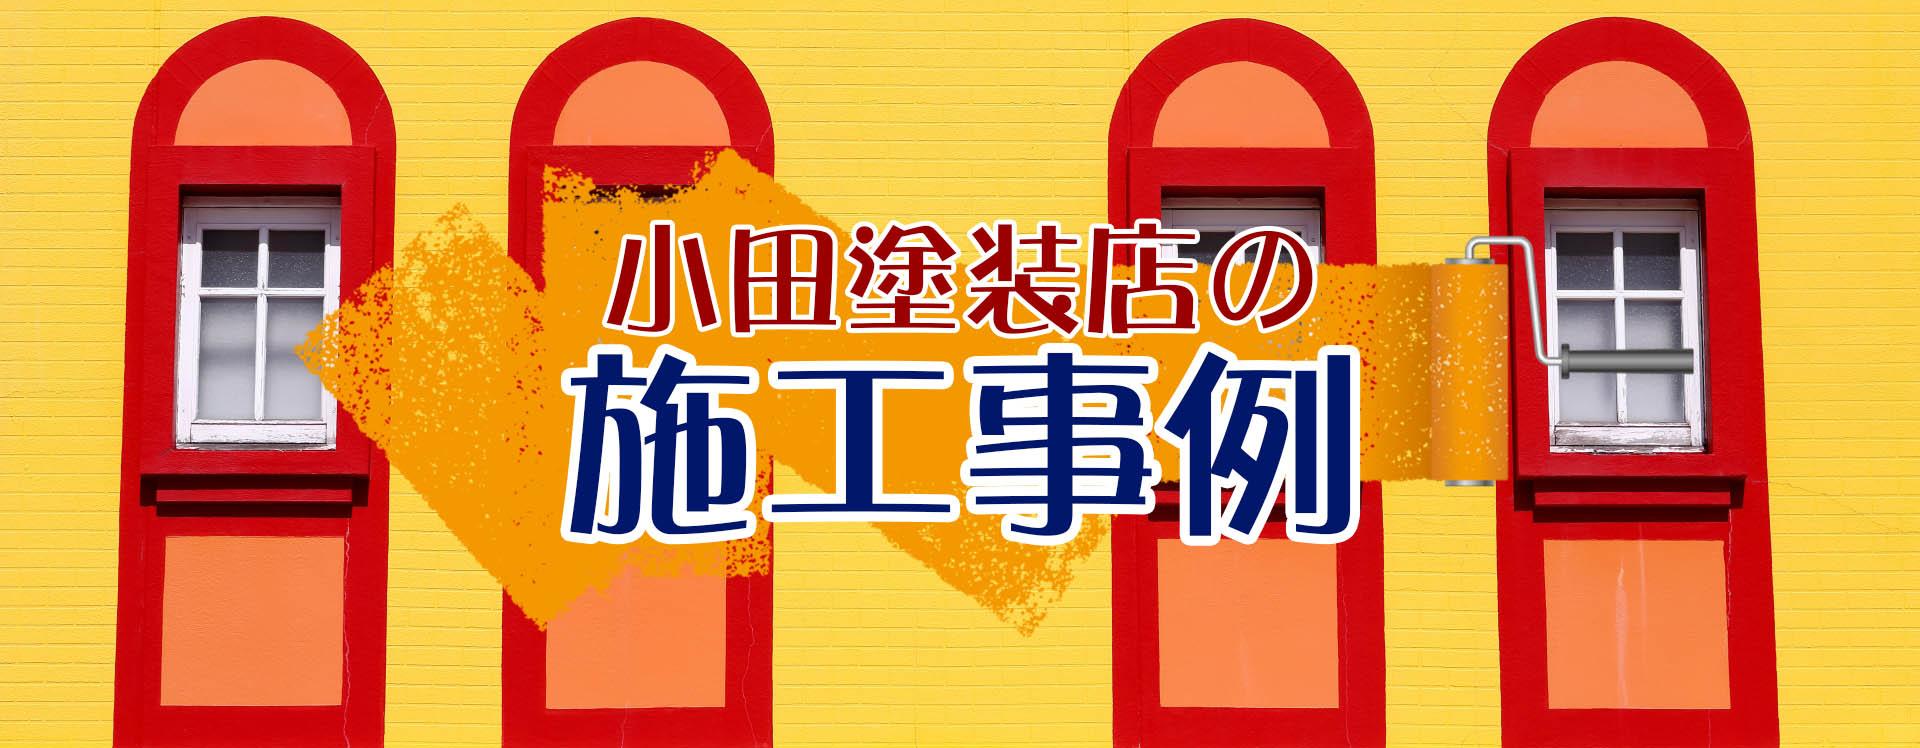 小田塗装店の外壁、屋根、住宅塗装 施工事例 埼玉県狭山市の外壁塗装